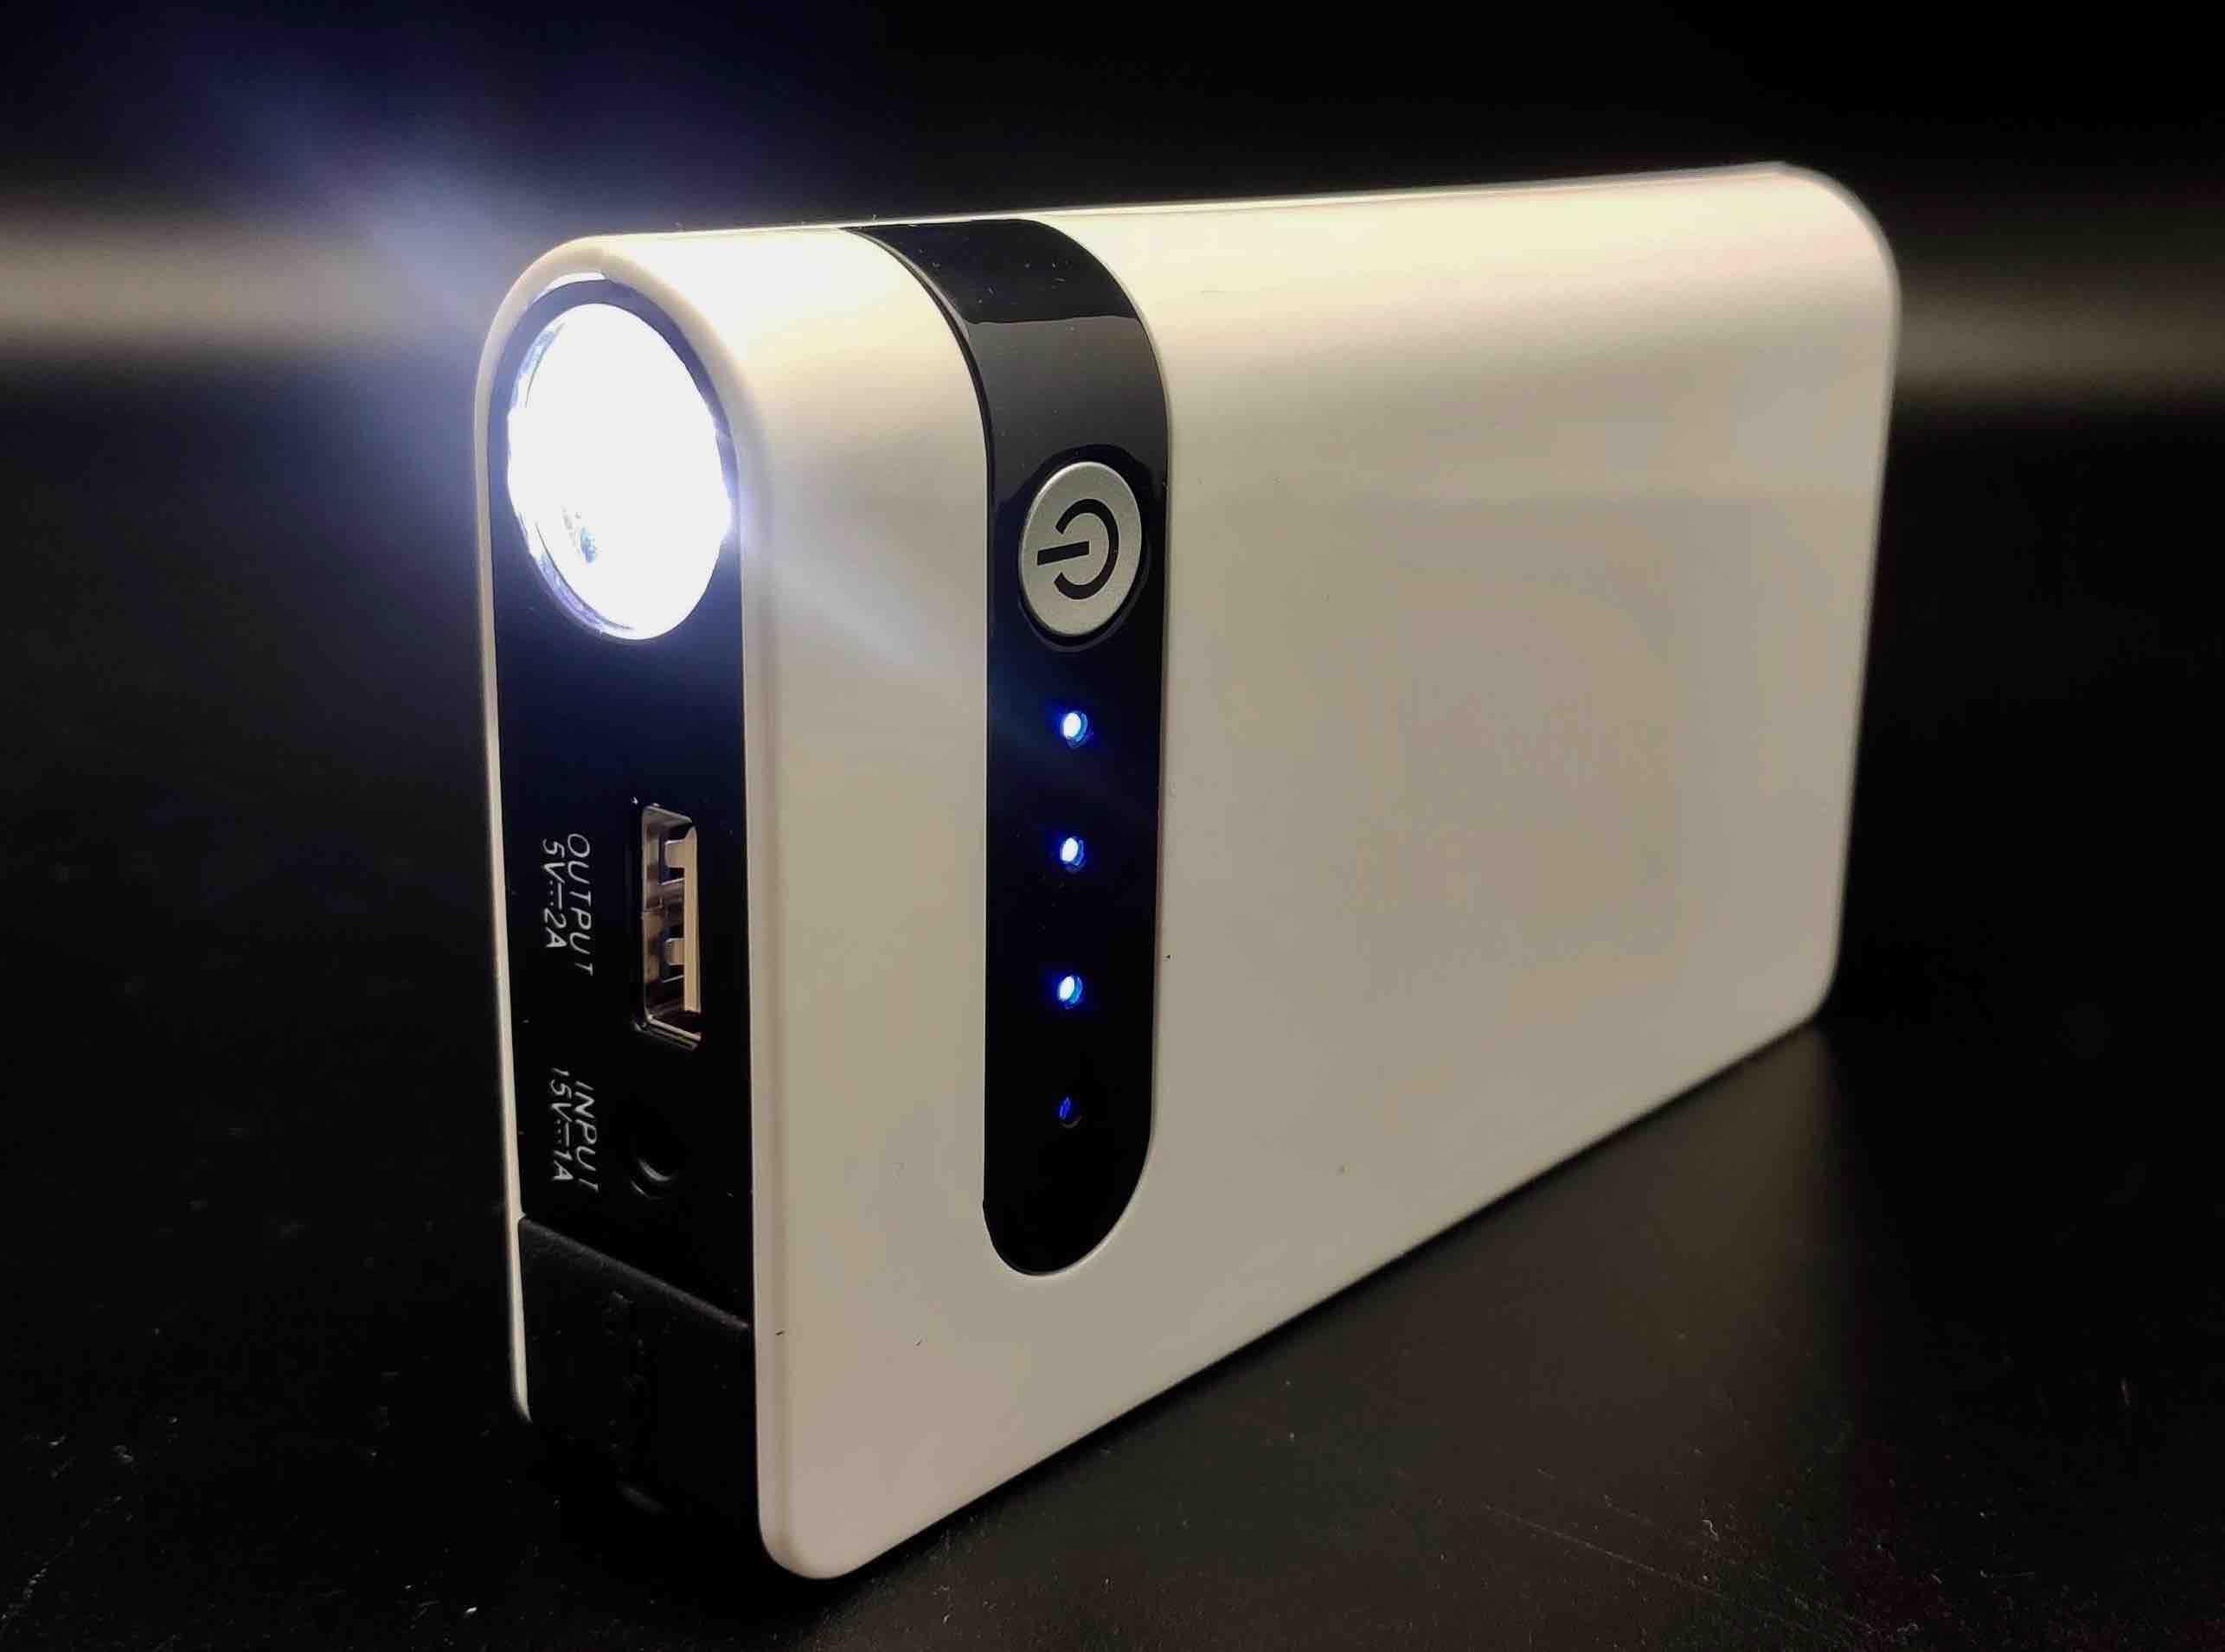 Что нового предлагает нам стандарт usb power delivery 3.0